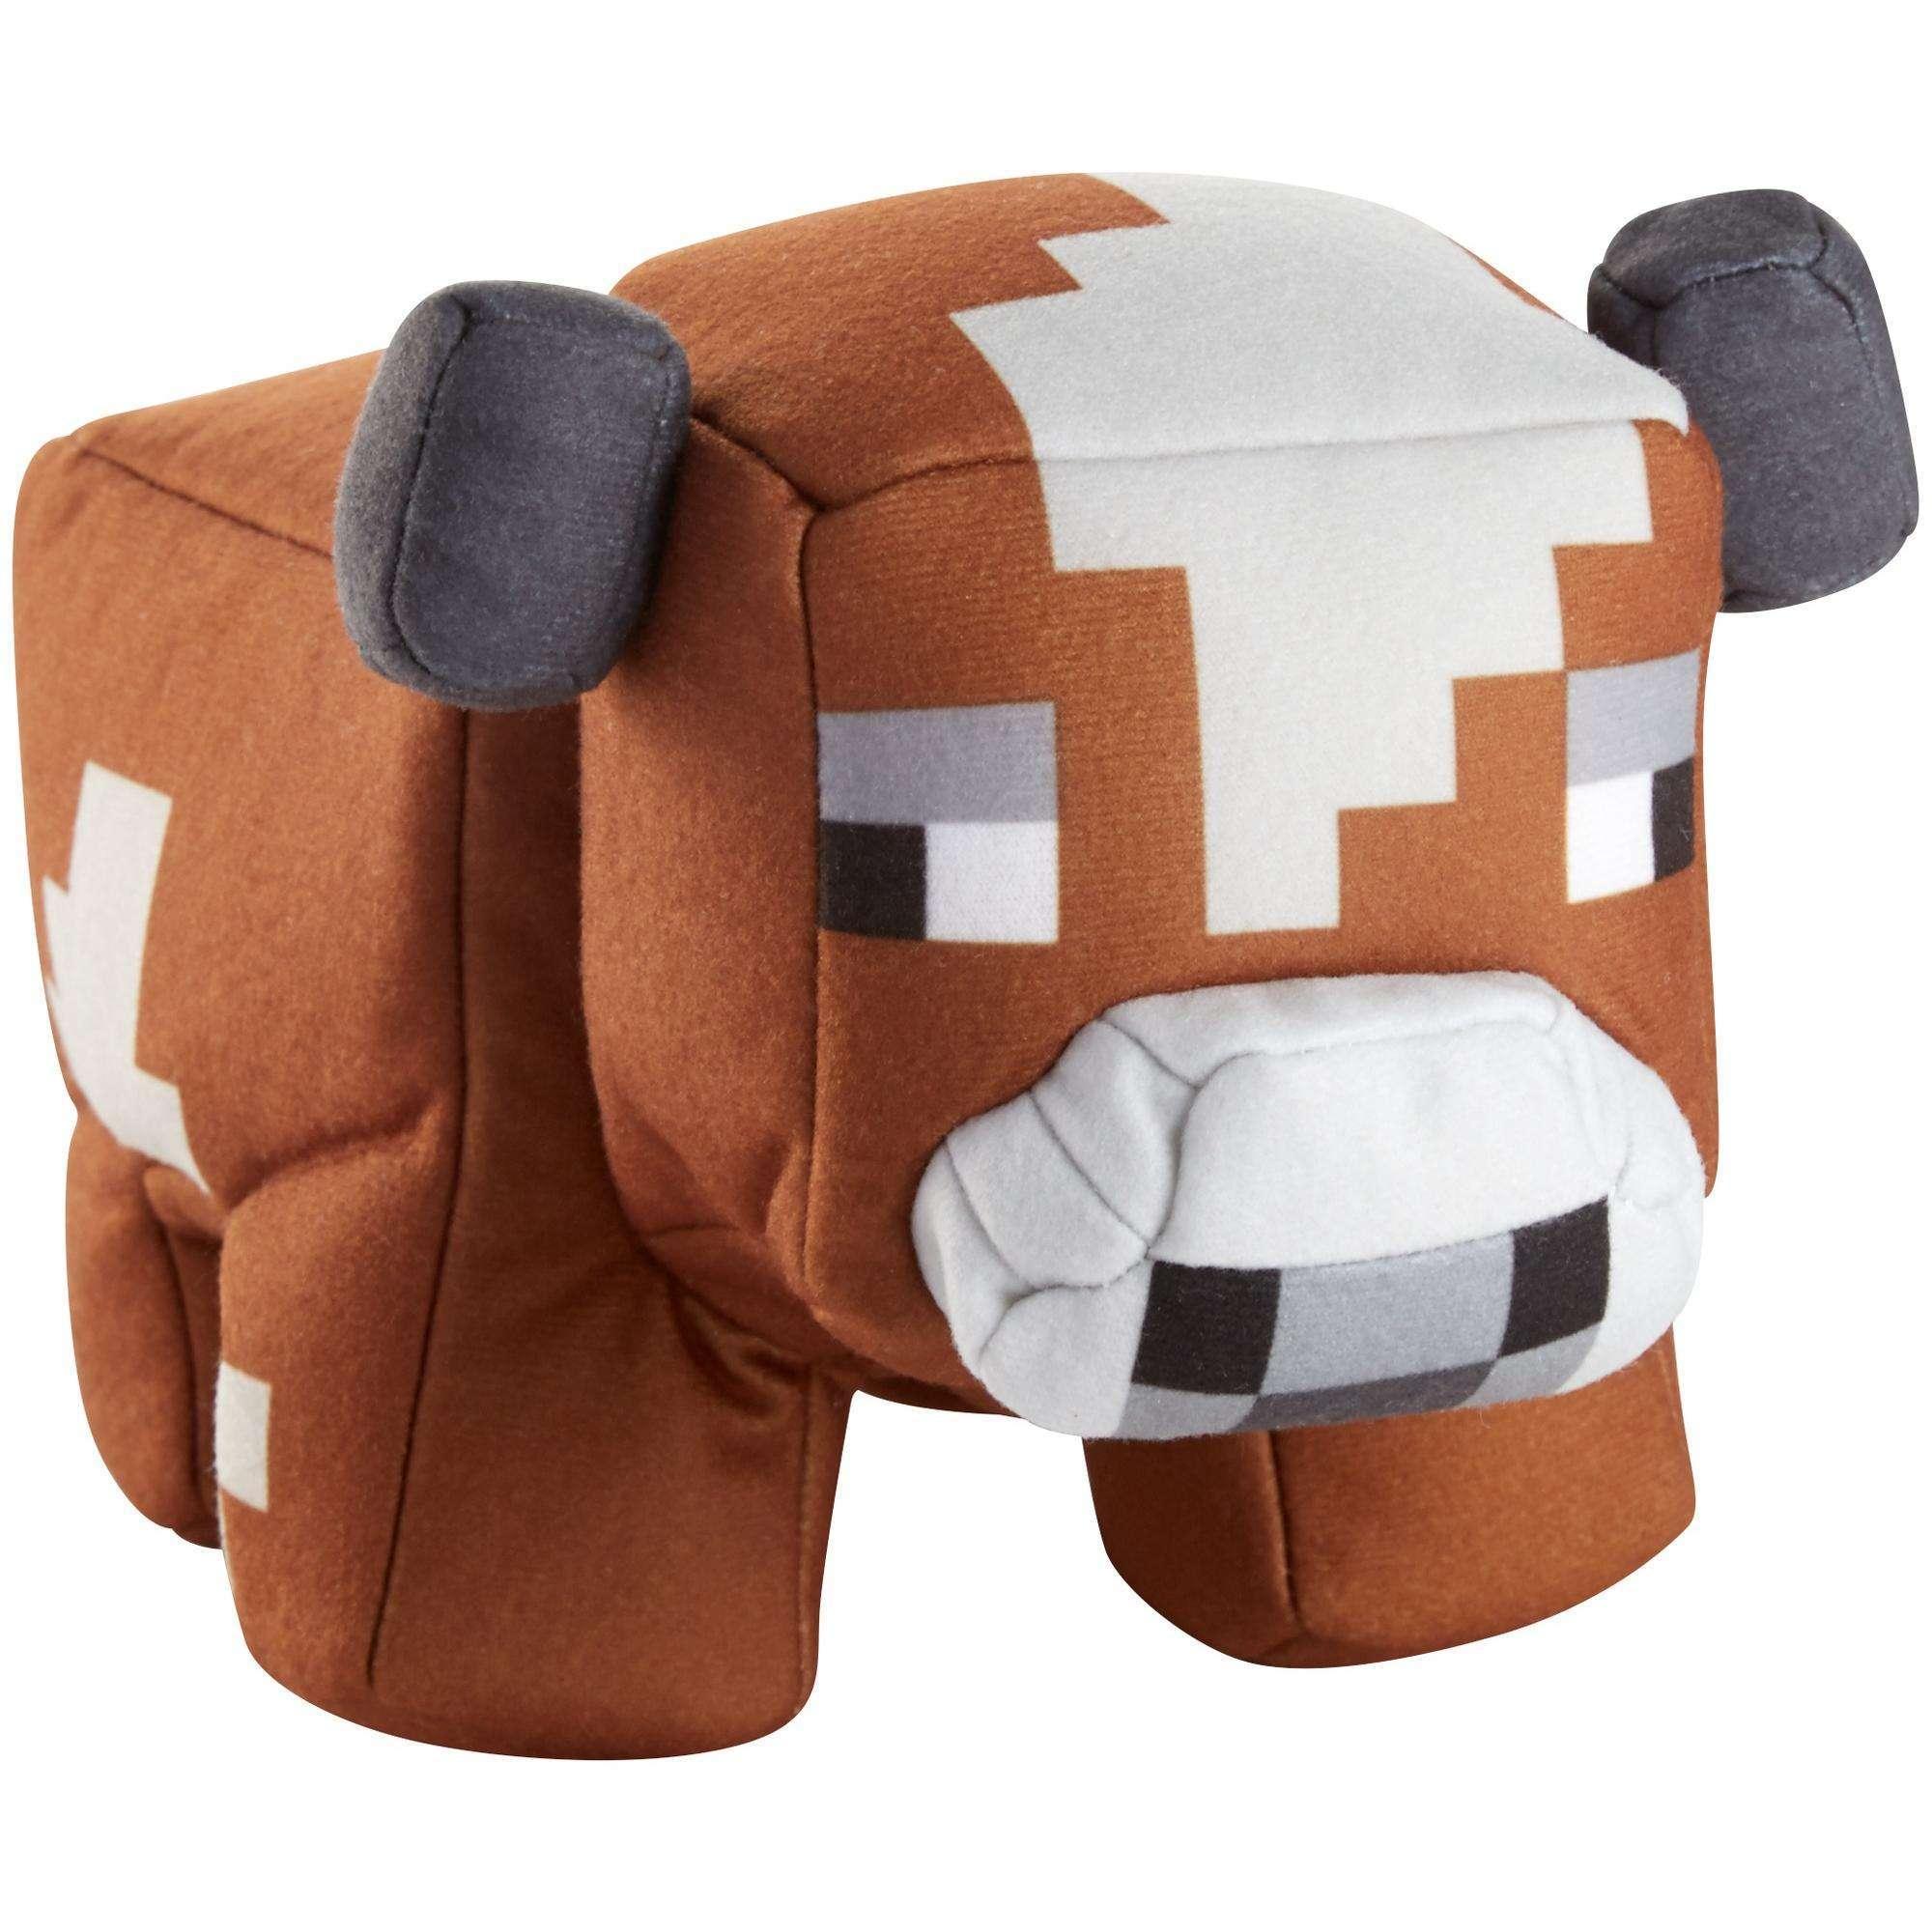 Minecraft Plush Cow